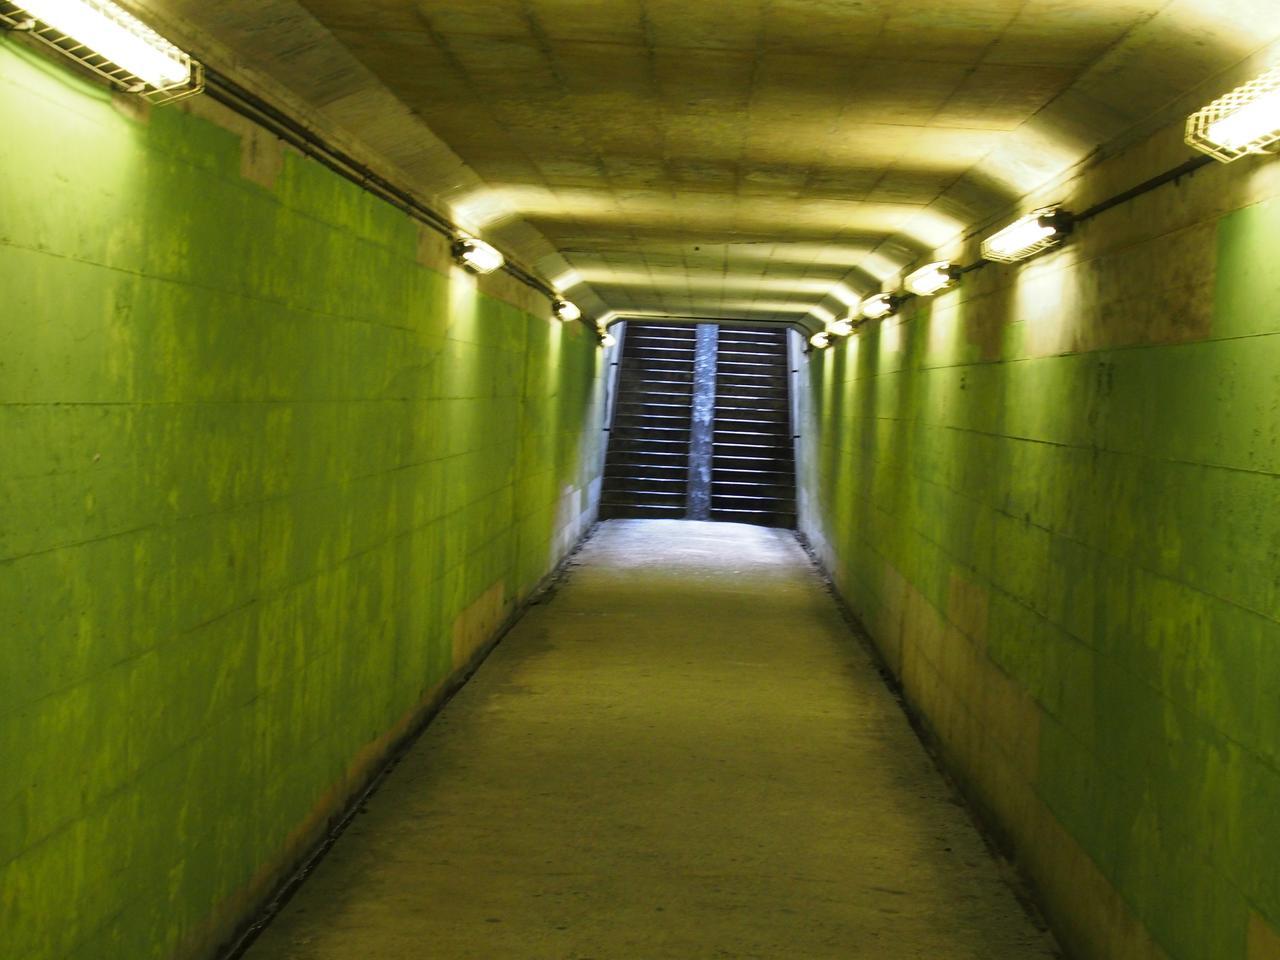 画像: 「人もいないのに、たっくさん顔認識表示が出るトンネルや地下道って、あるよね」(広田泉氏談)これではただの標準レンズで撮った画像だ。